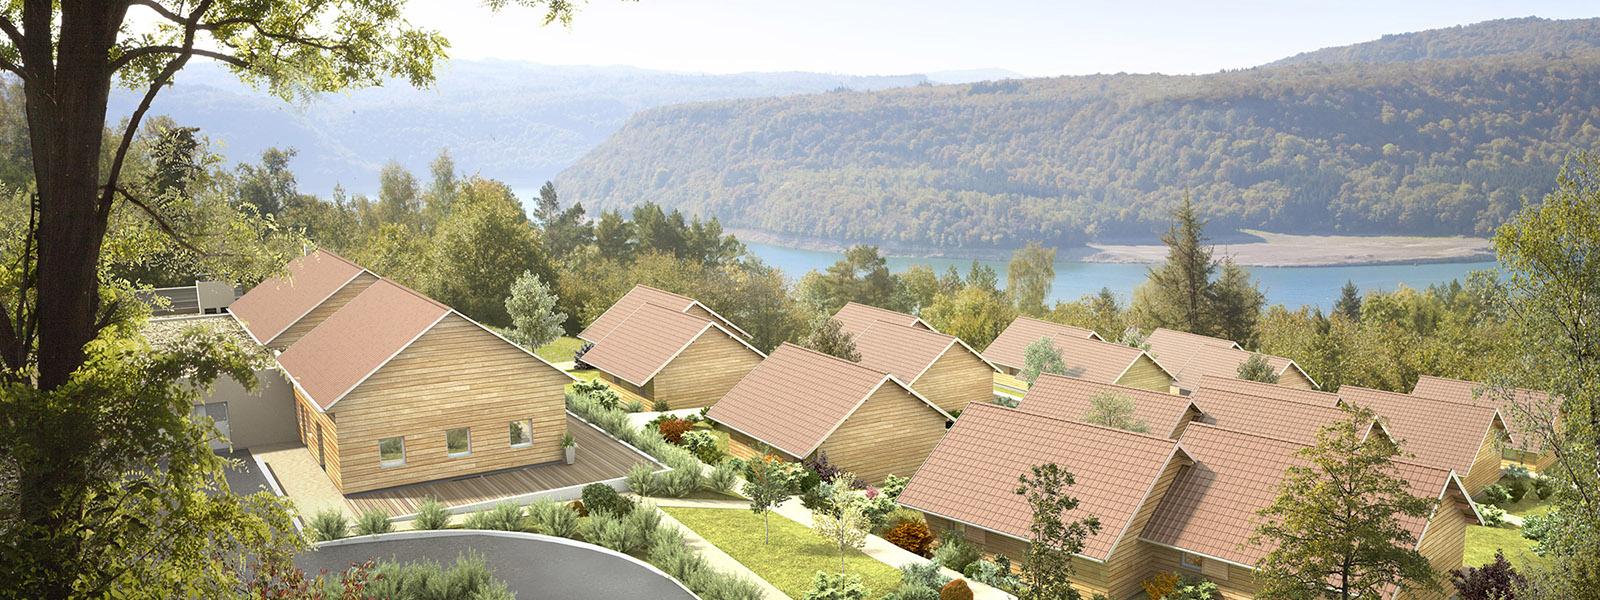 Chalets du Lac de Vouglans - Village Vacances Locations dans le Jura